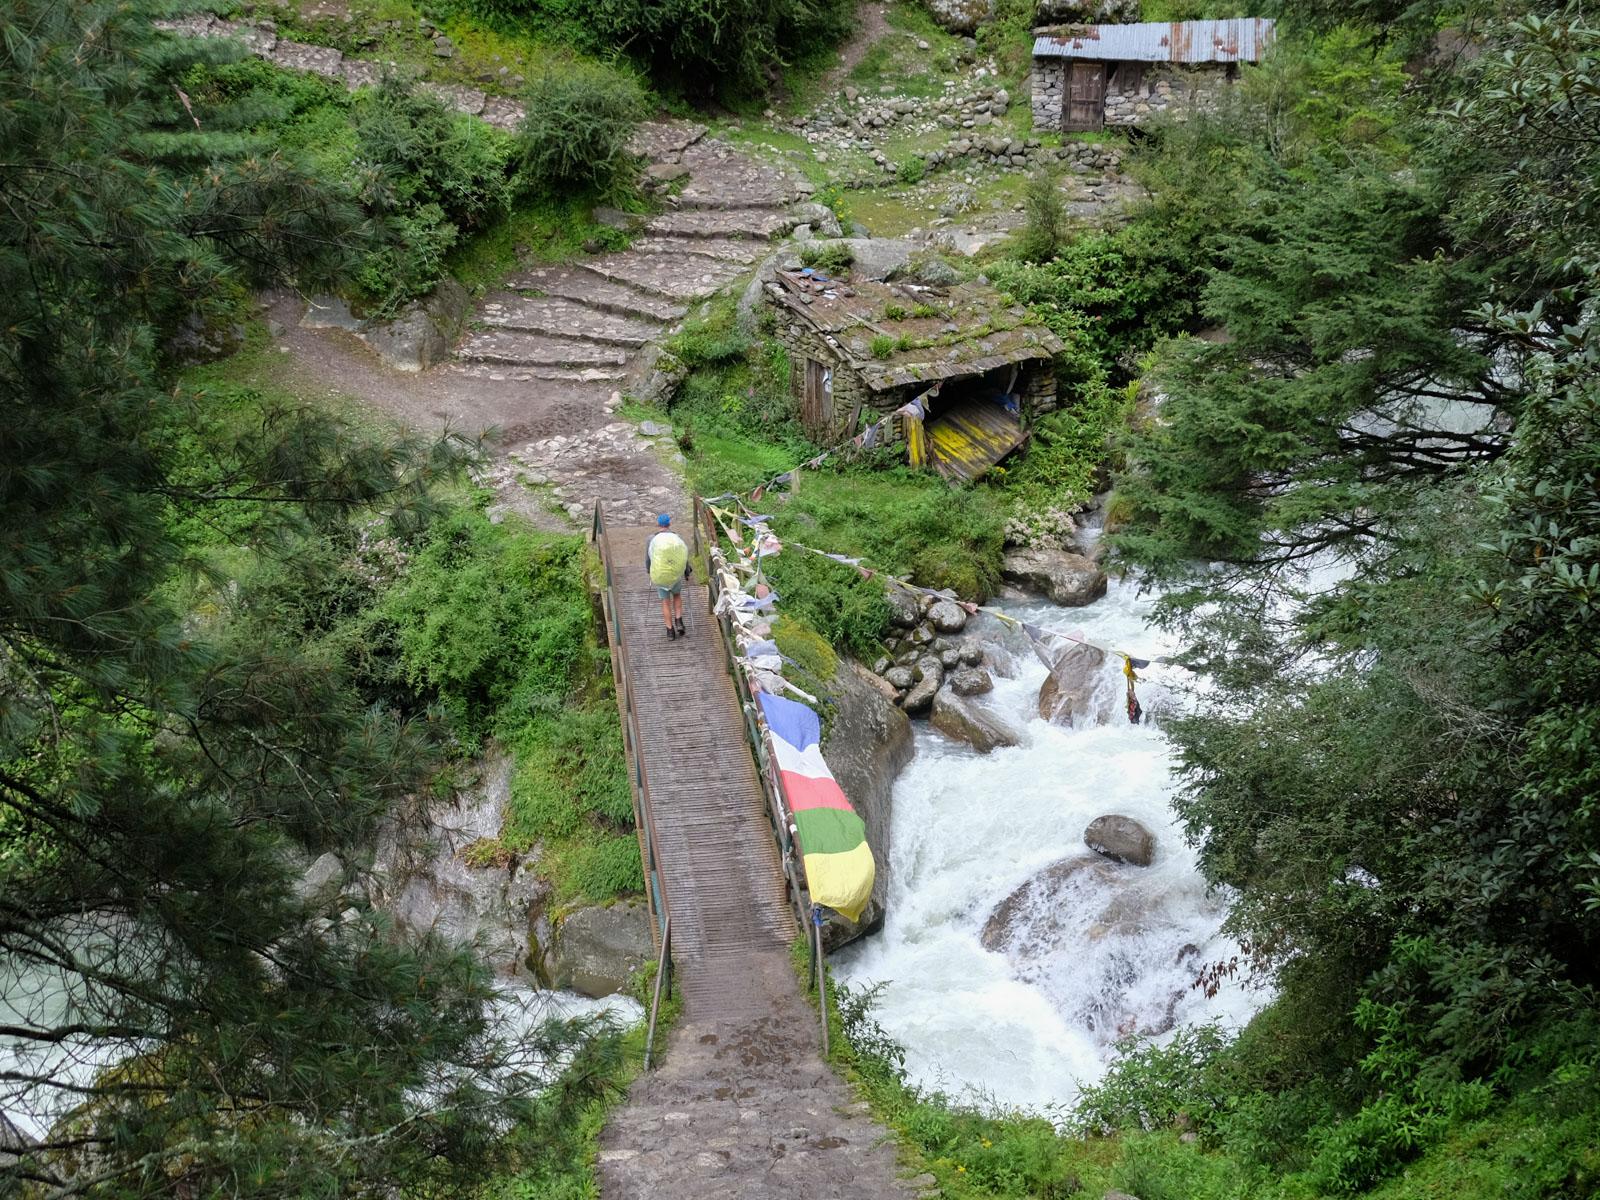 Route du Khumbu, Everest 3 pass #1 40